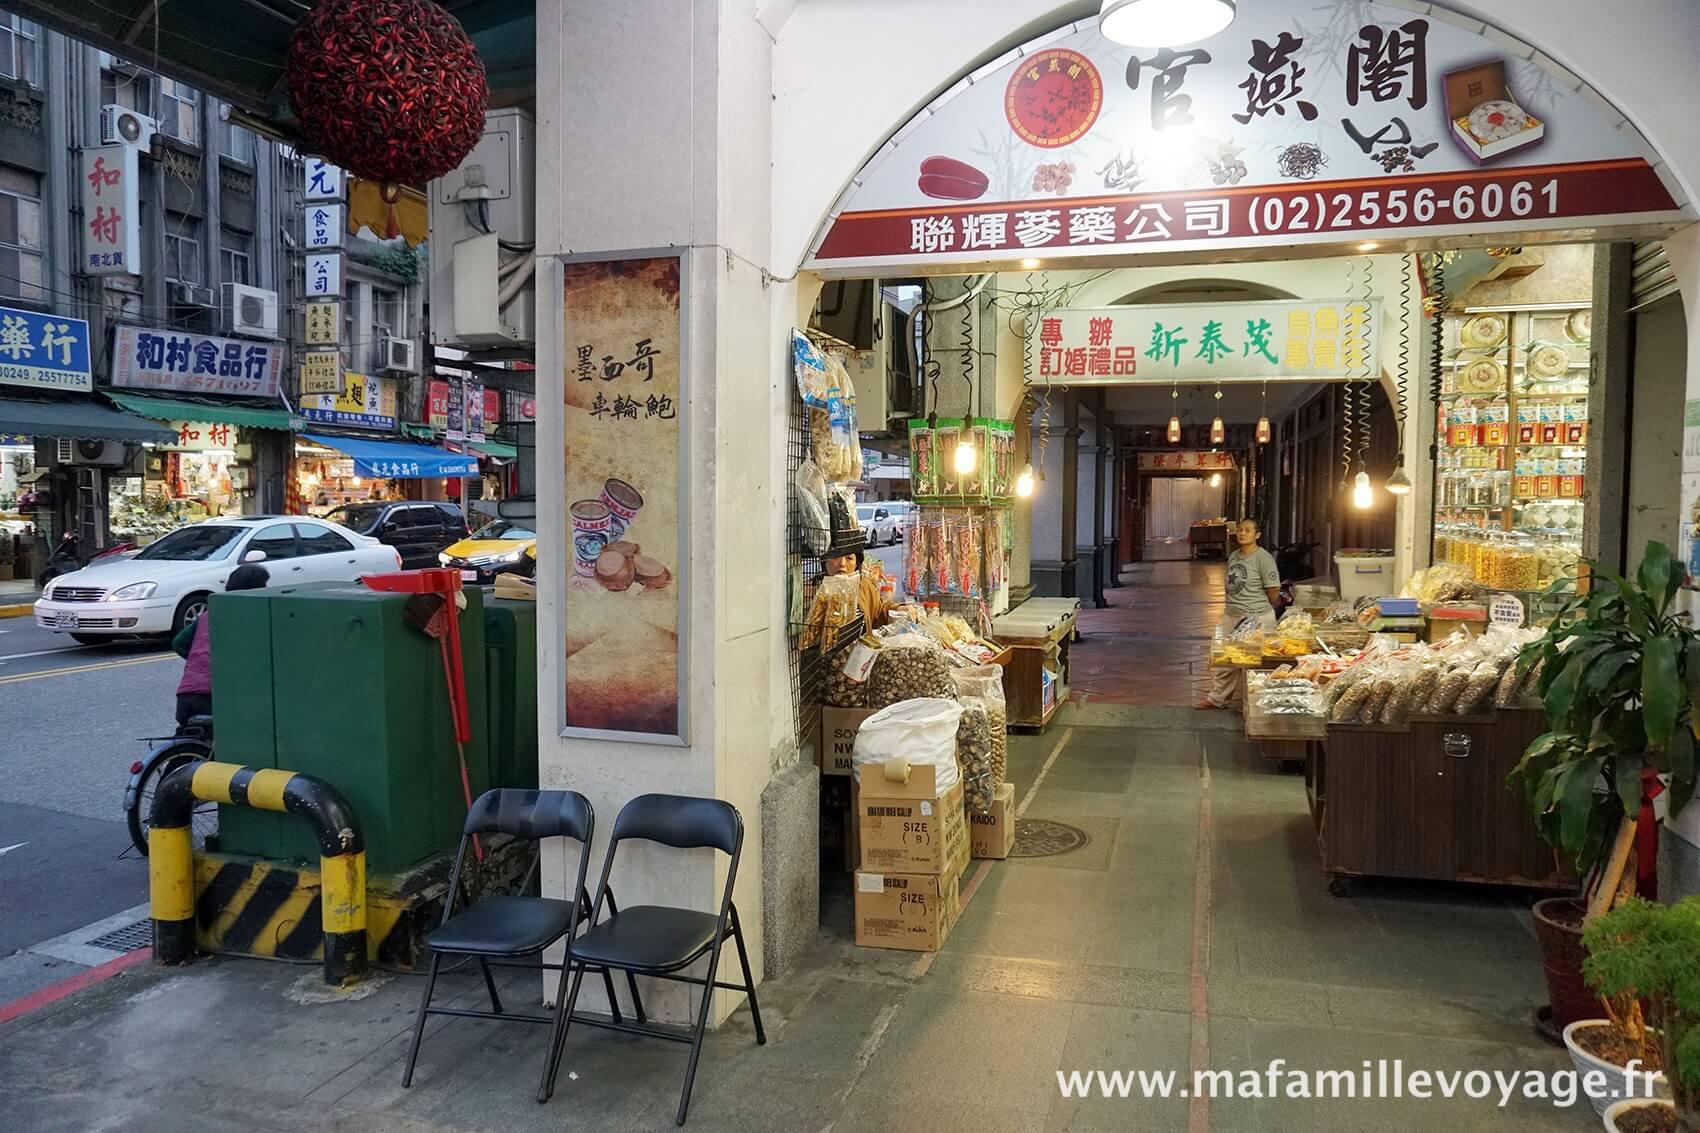 quartier du Dodaocheng Warf